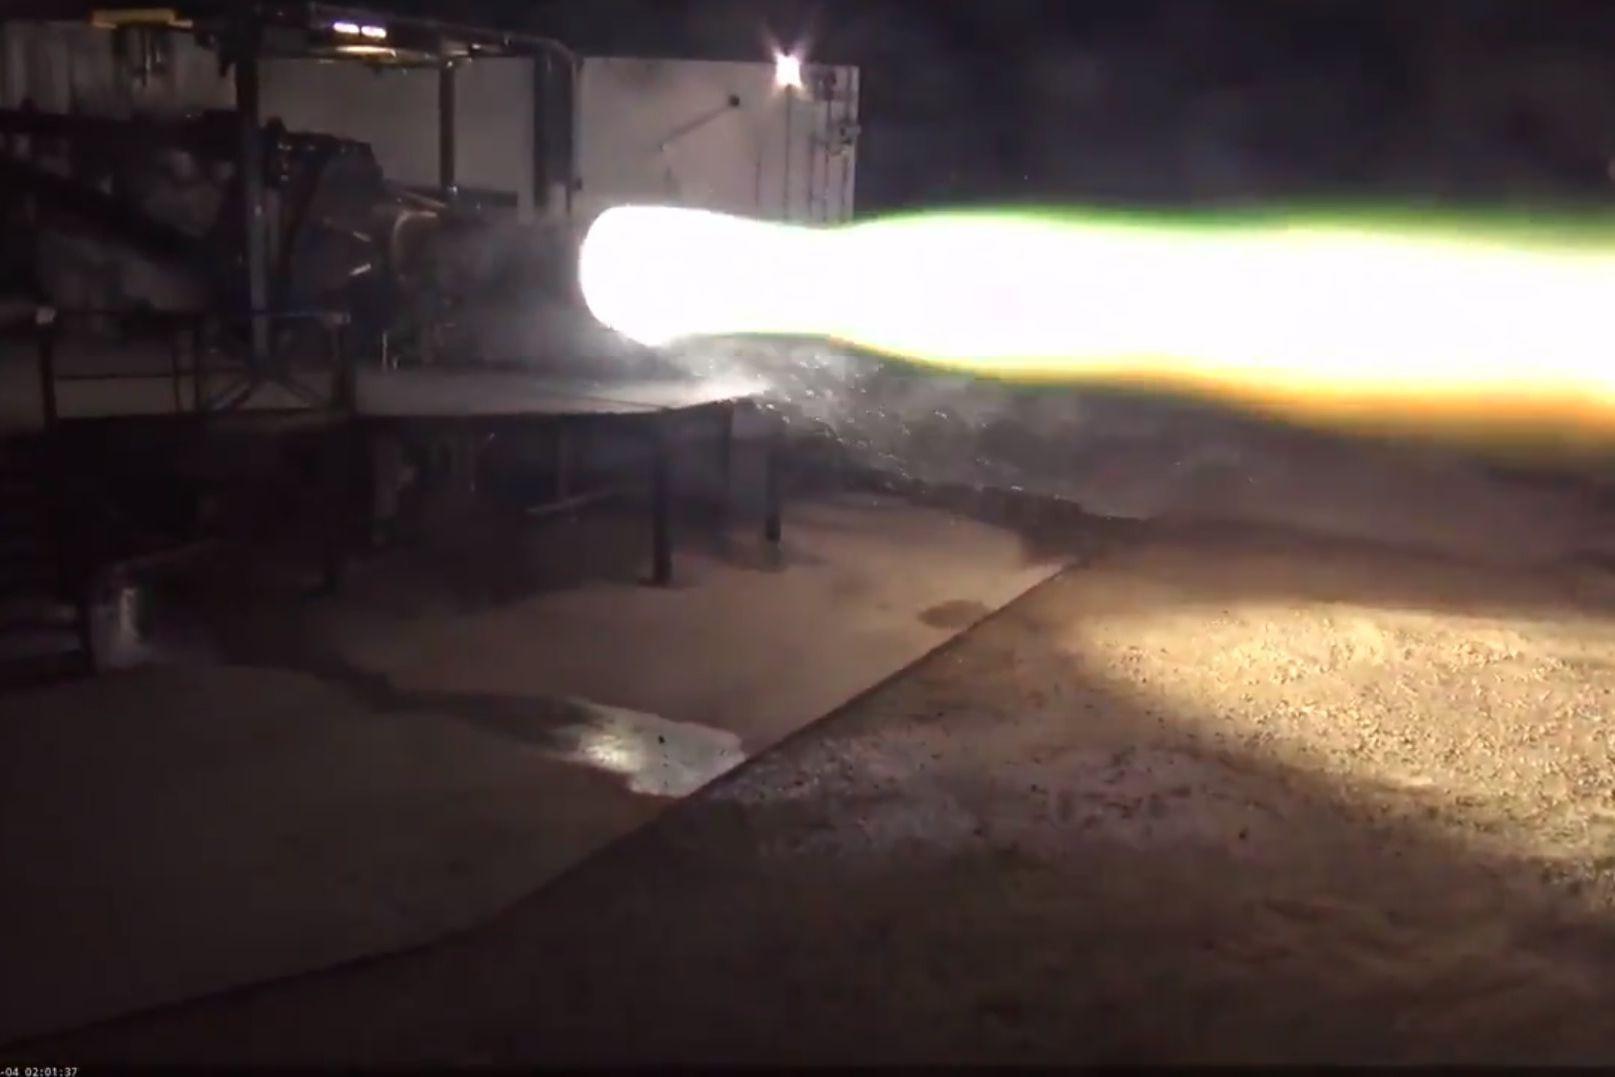 Elon Musk partilhou imagens do novo foguetão da SpaceX